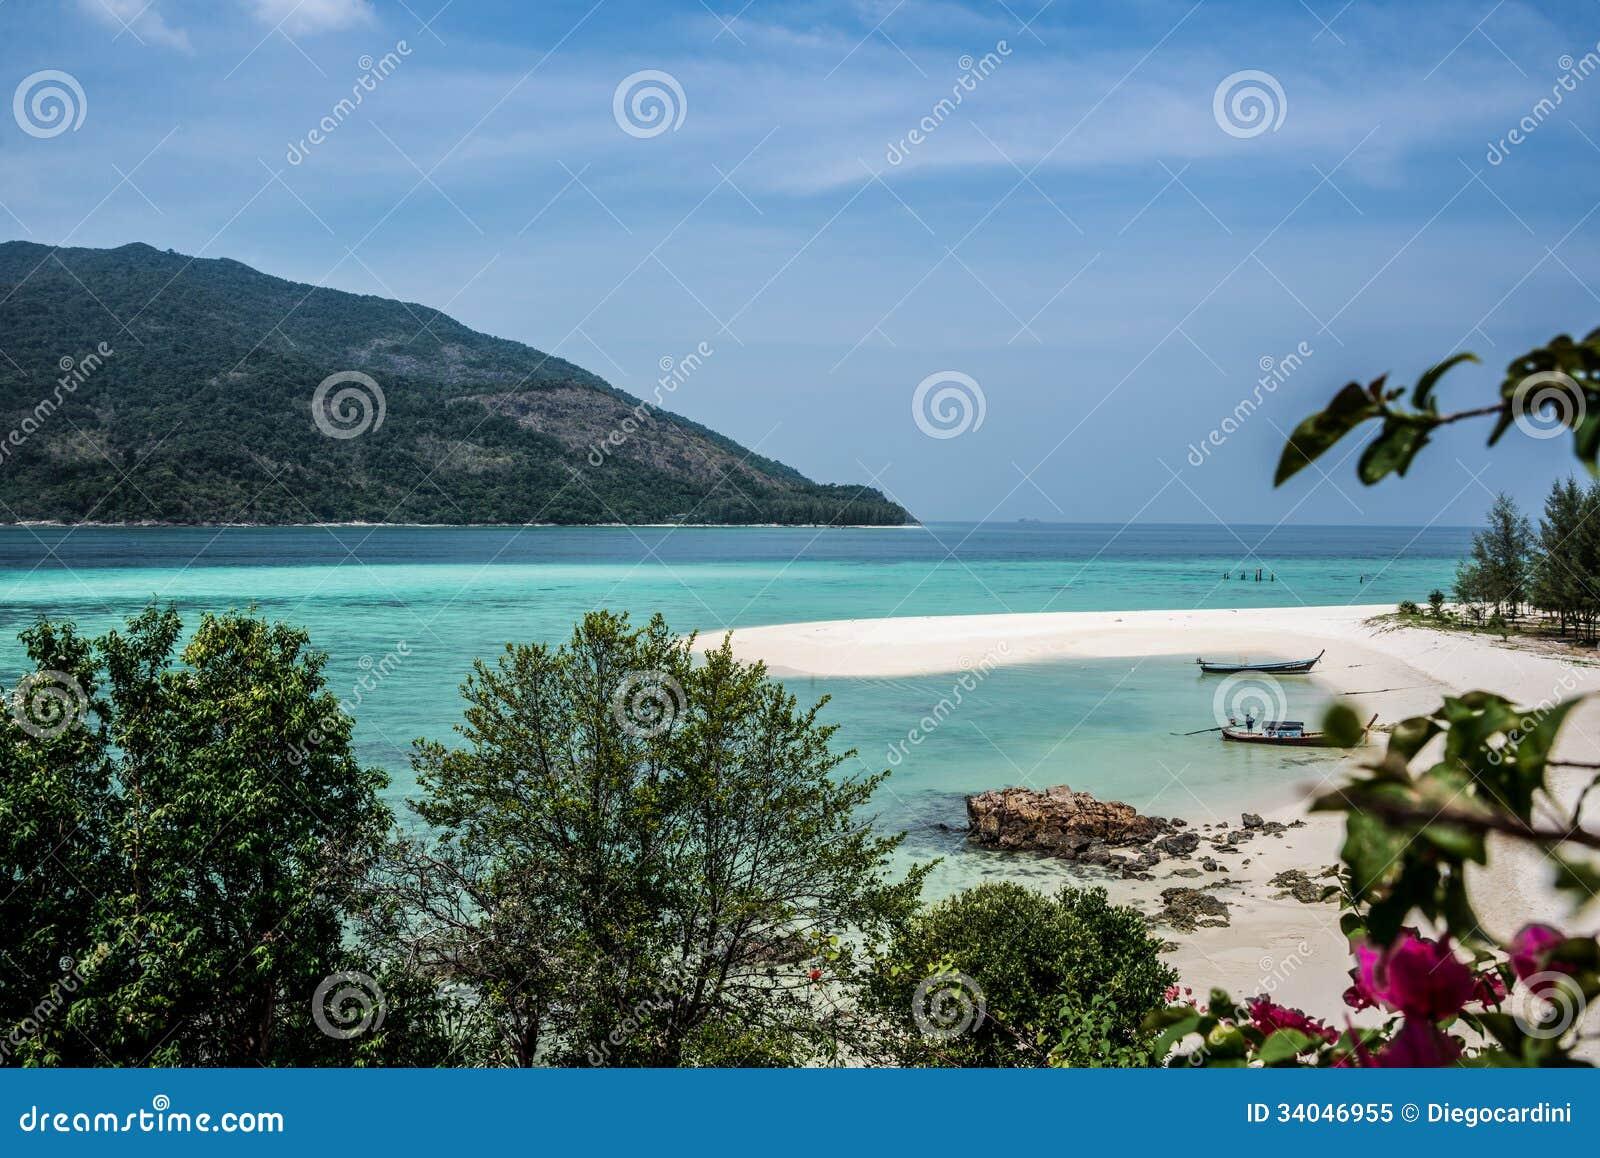 Beau Koh Lipe Tropical Island Landscape. Mer de turquoise. La Thaïlande. Aventure exotique.